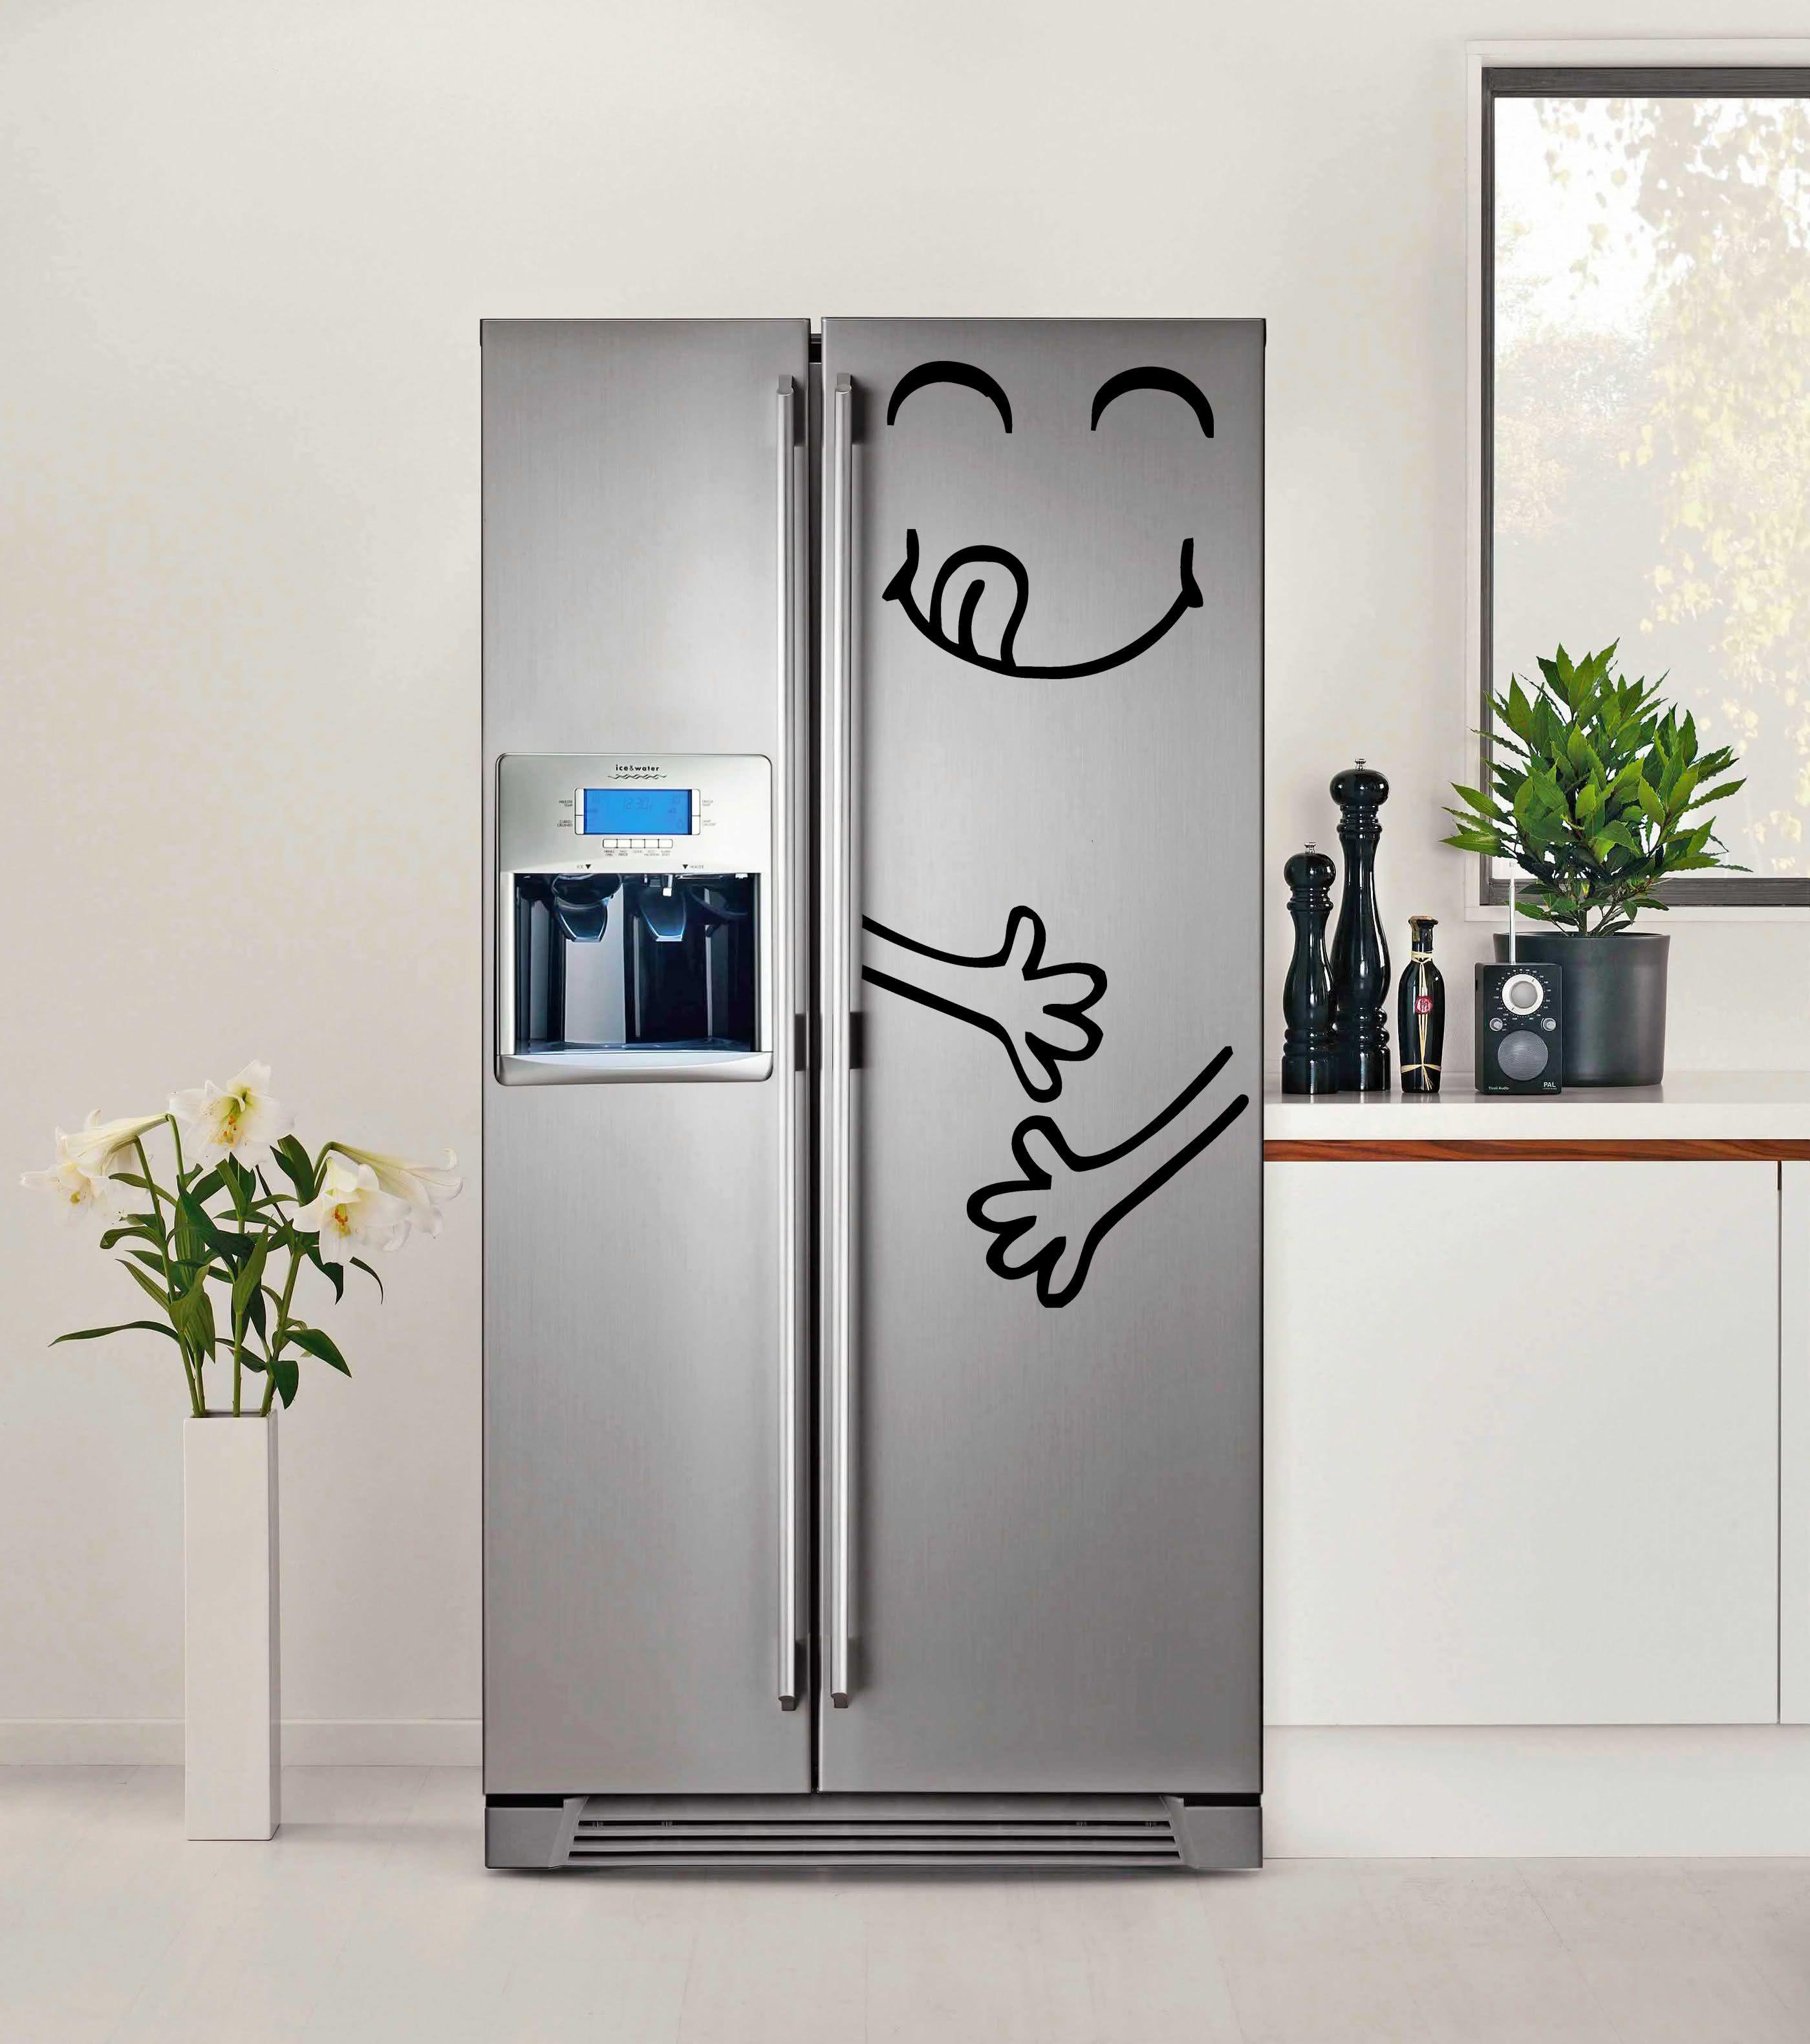 57 geladeiras adesivadas de forma criativa dicas e fotos - Frigo pequeno ...